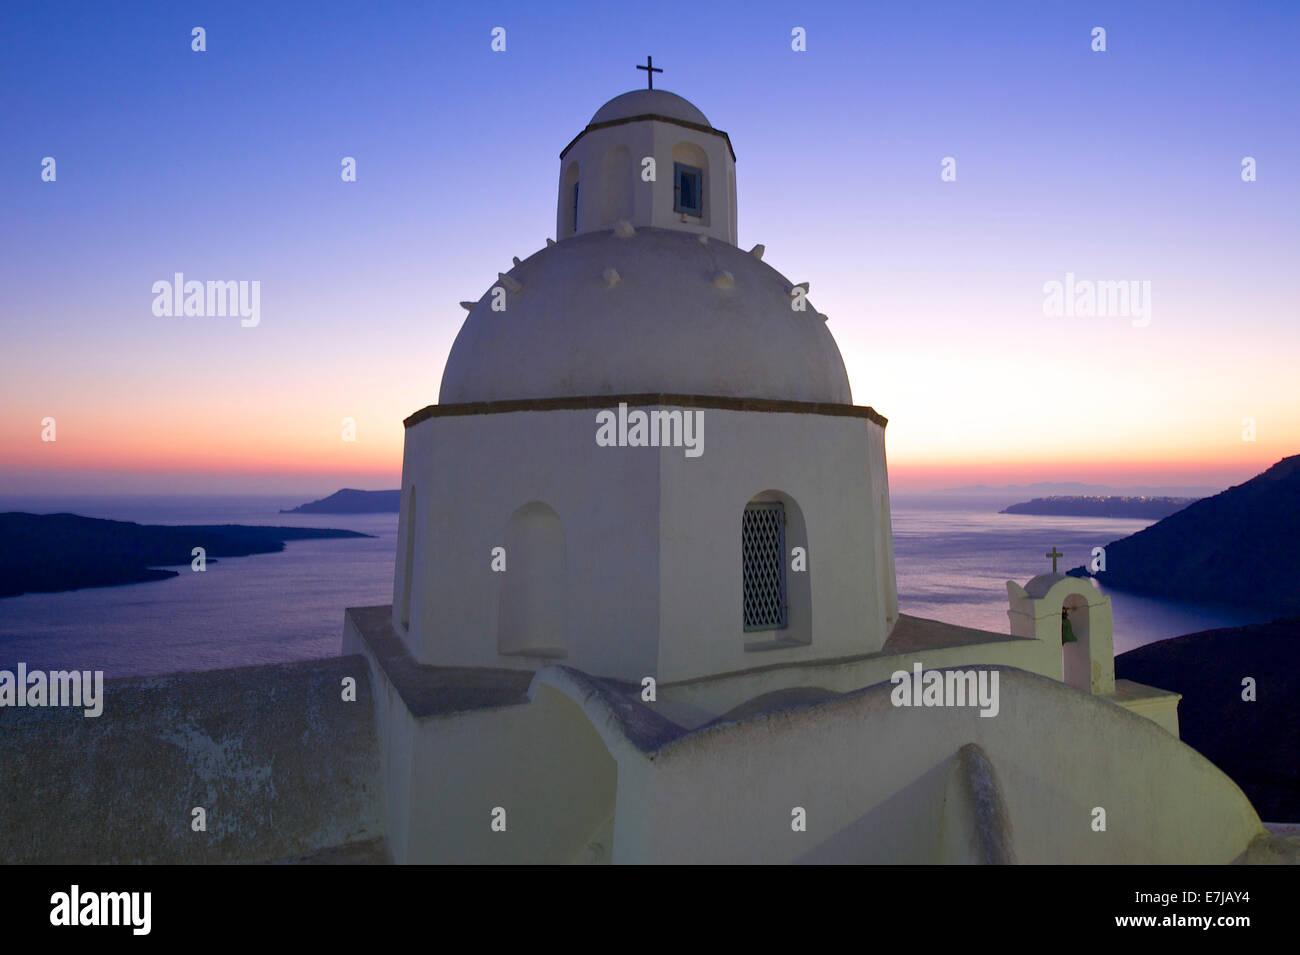 Iglesia de Agios Minas al atardecer, Thira, Santorini, Cícladas, Grecia Imagen De Stock